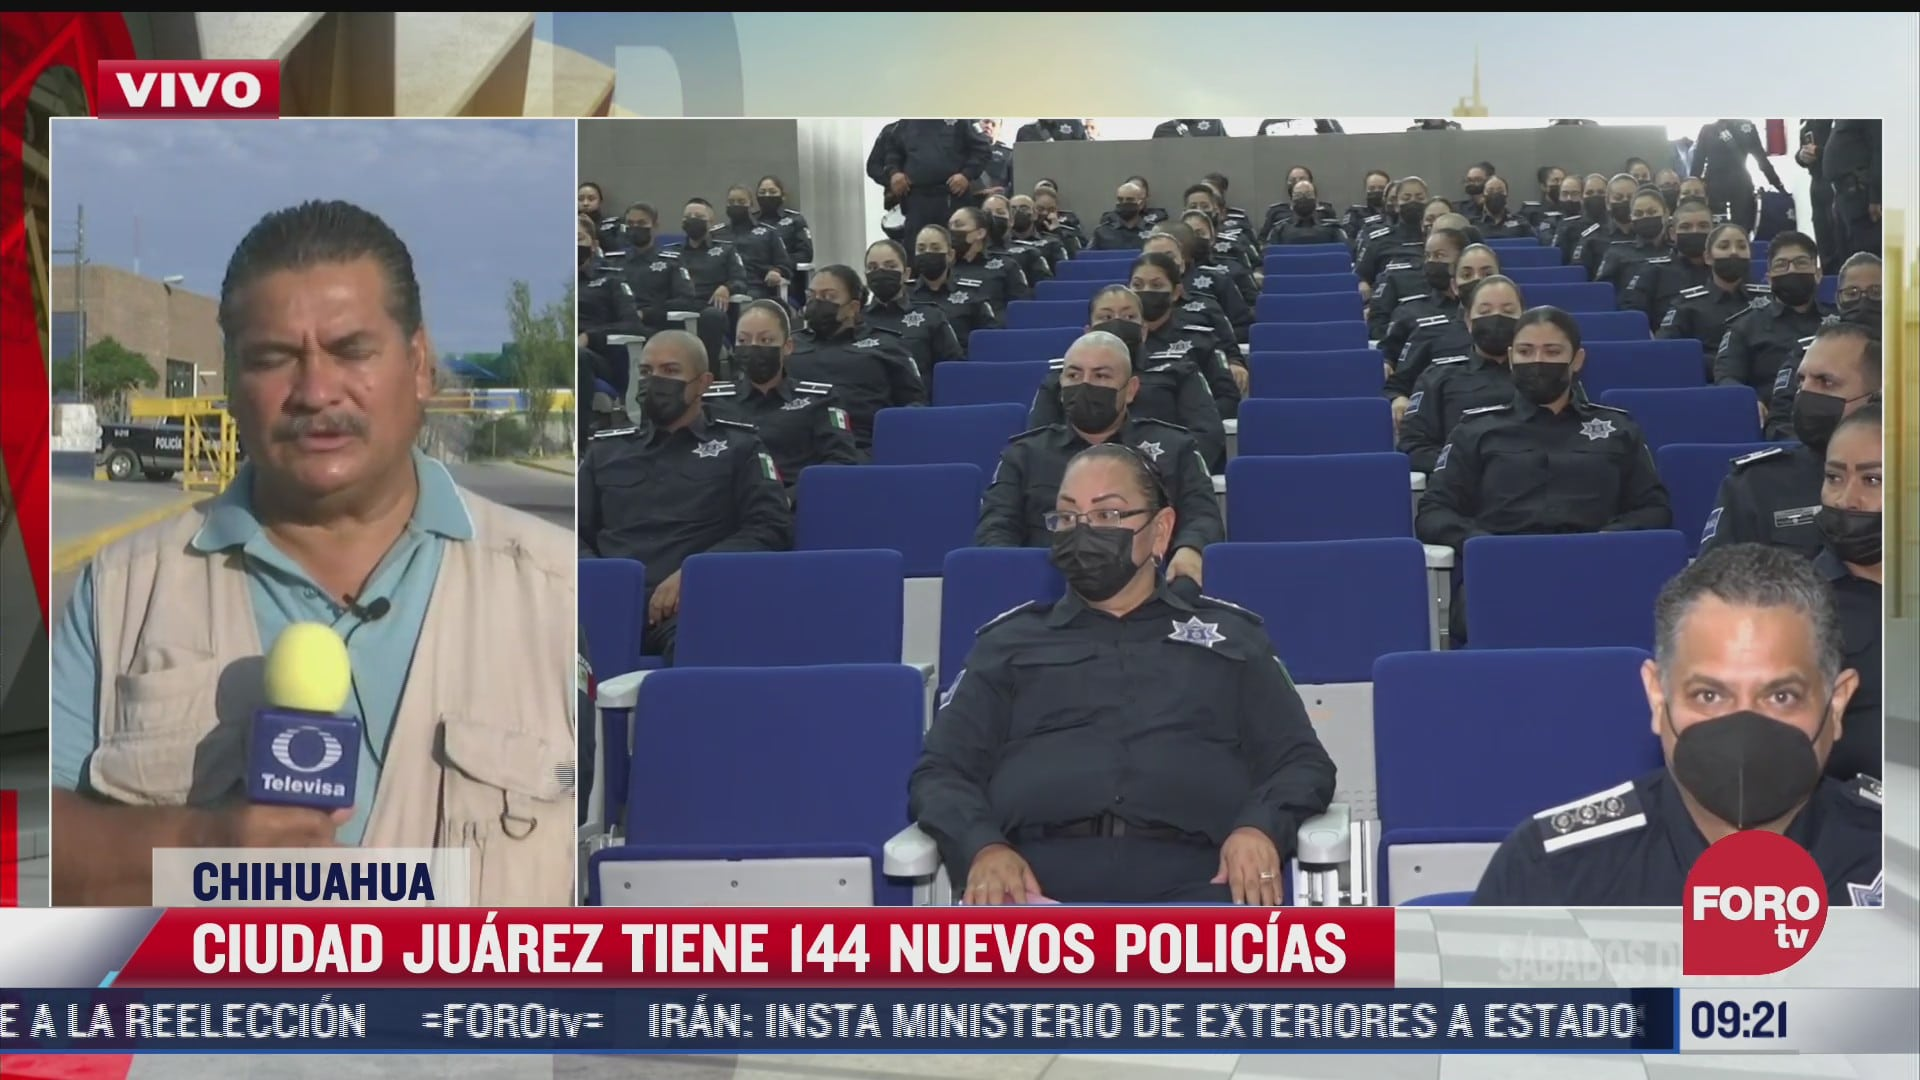 se graduan 144 nuevos policias en ciudad juarez chihuahua